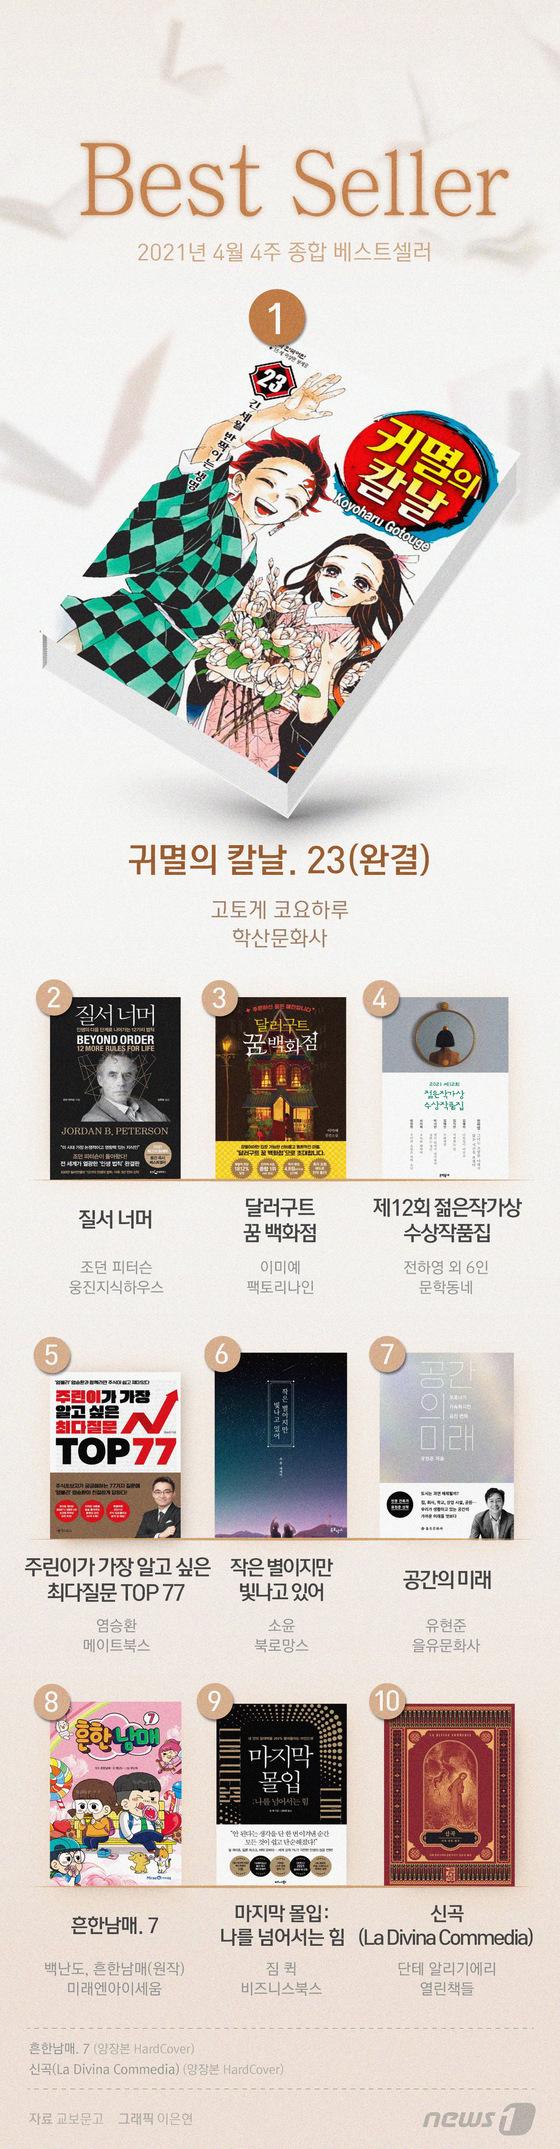 [그래픽뉴스] \'귀멸의 칼날\' 완결판, 2주 연속 베스트셀러 1위